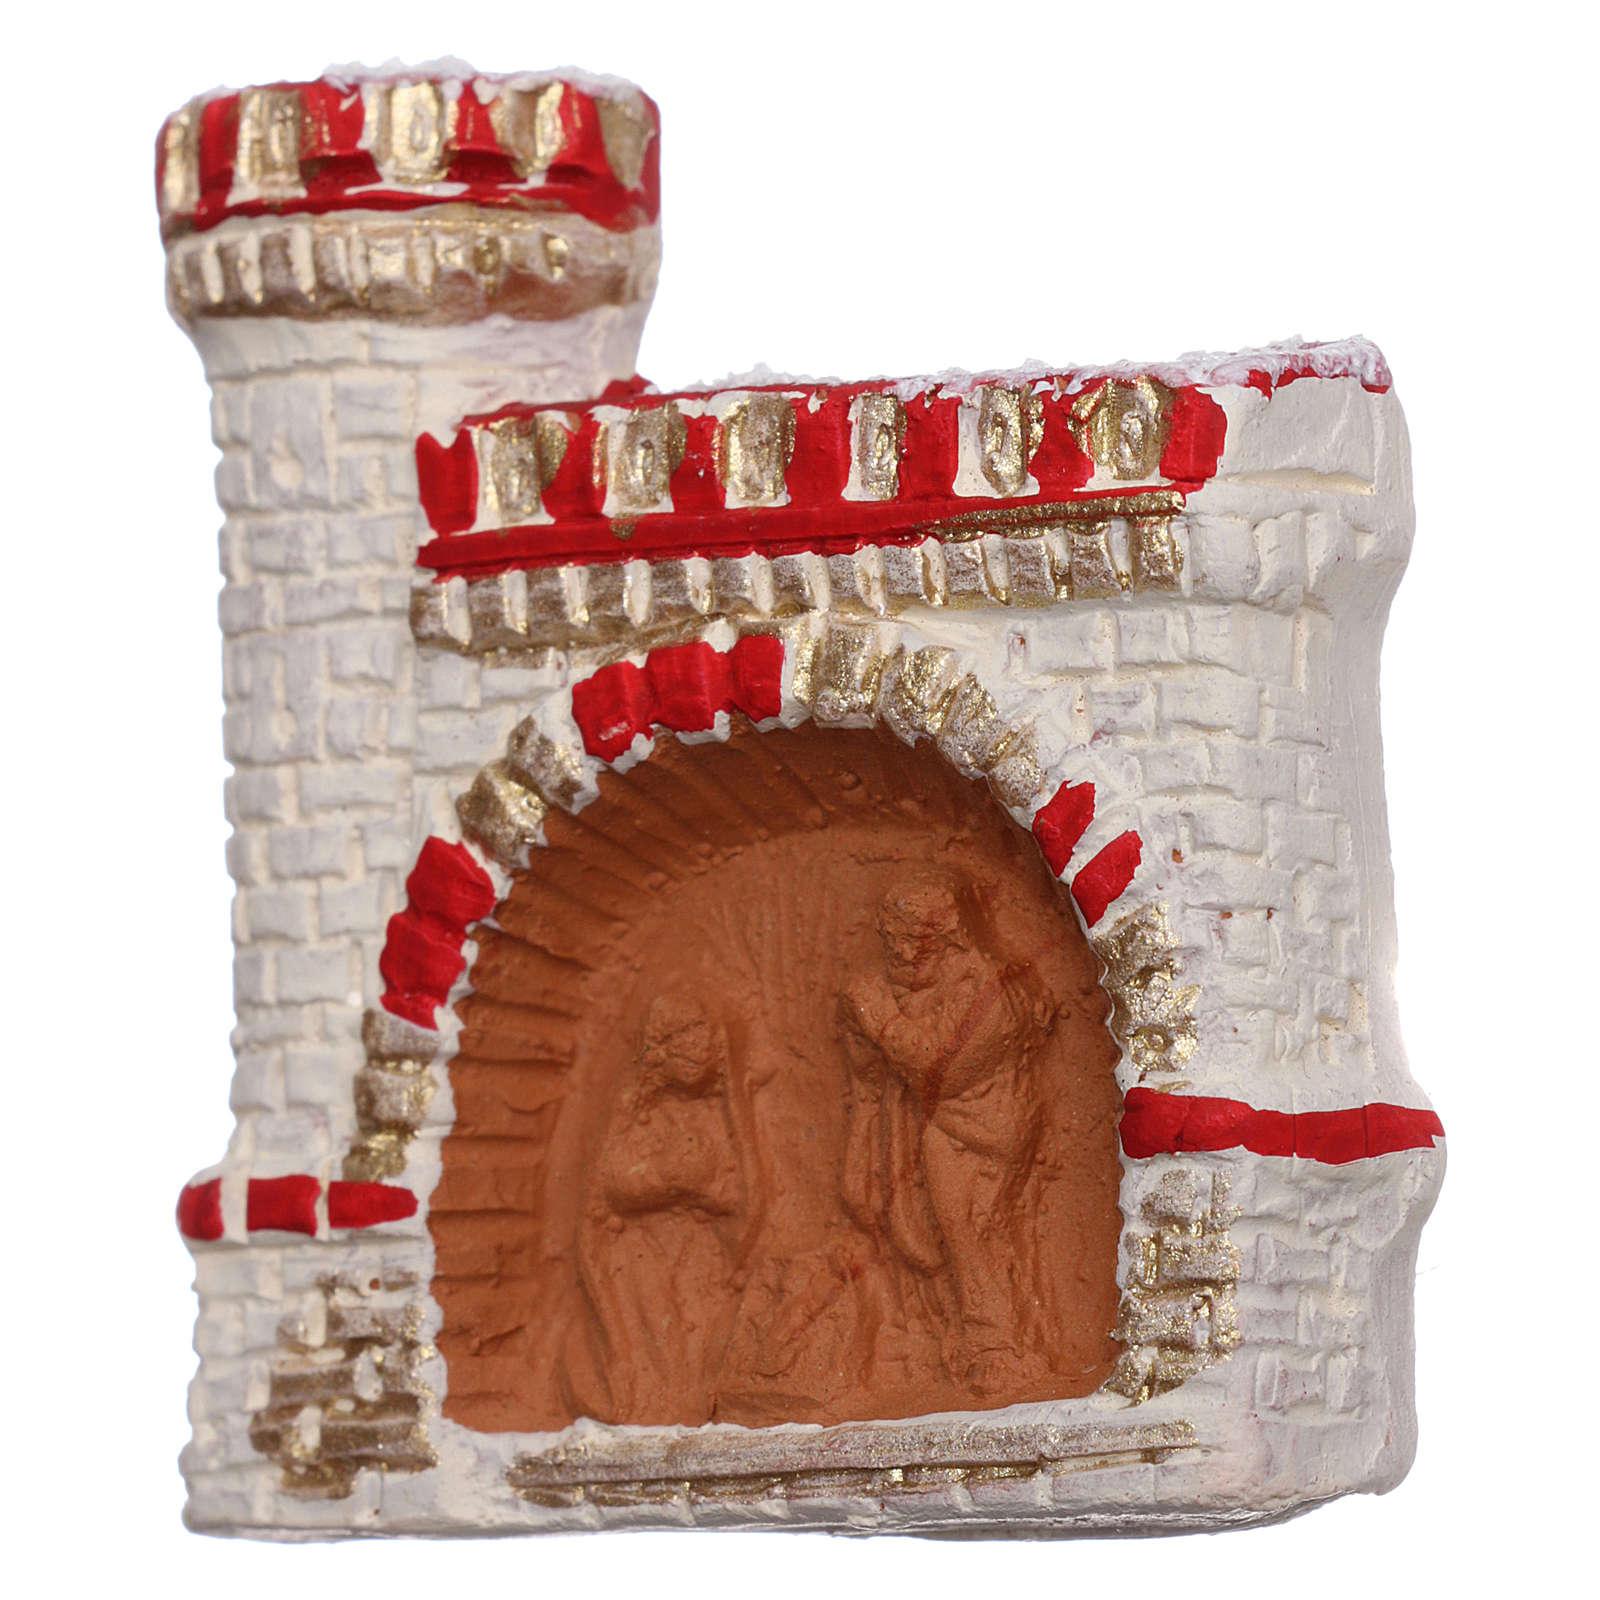 Calamita terracotta Deruta castello rosso e oro Natività 3